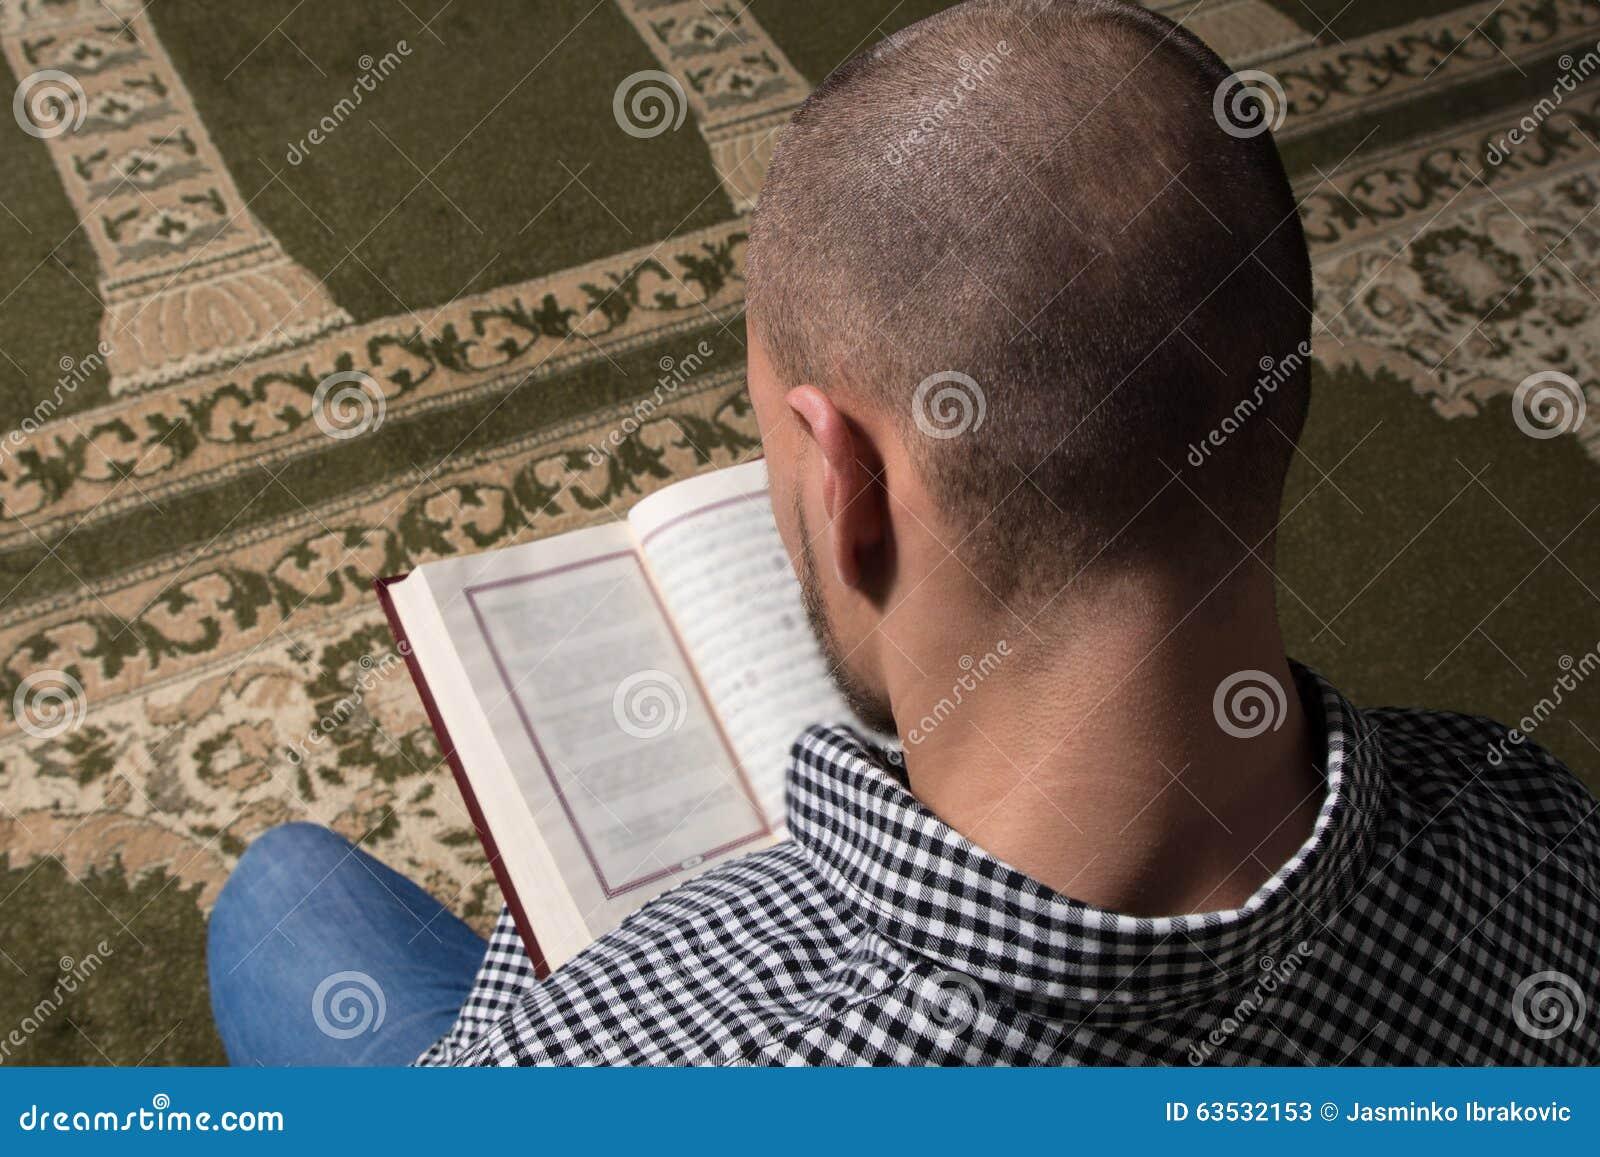 Moslemischer Mann, Der Den Heiligen Islamischen Buch-Koran